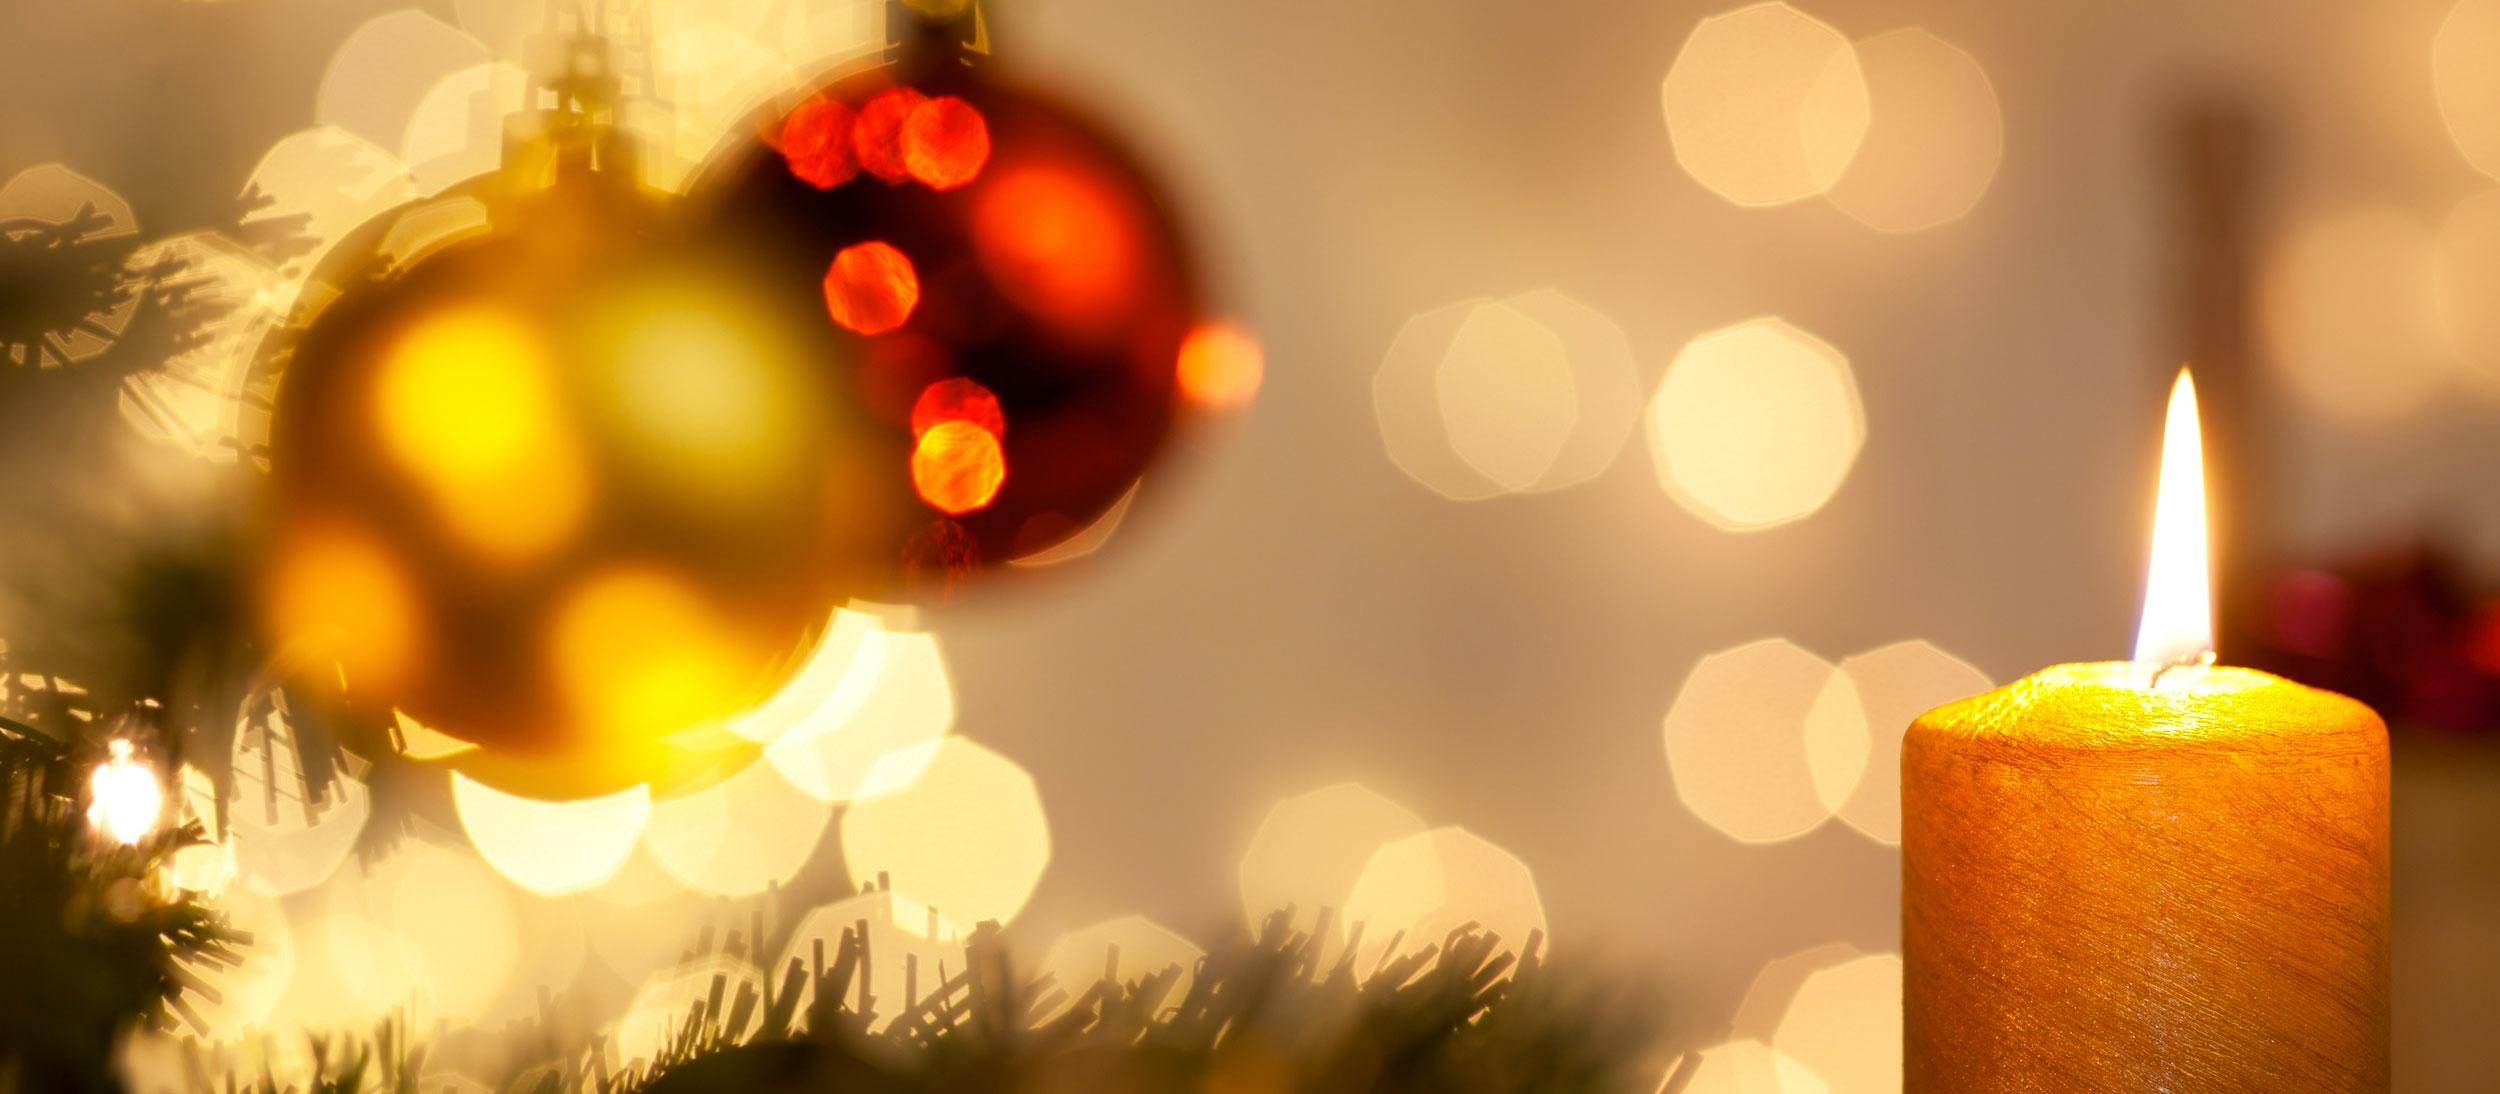 Ommer kerstboom de grootste kerstboom van ommen for Dunnewind ommen verhuur